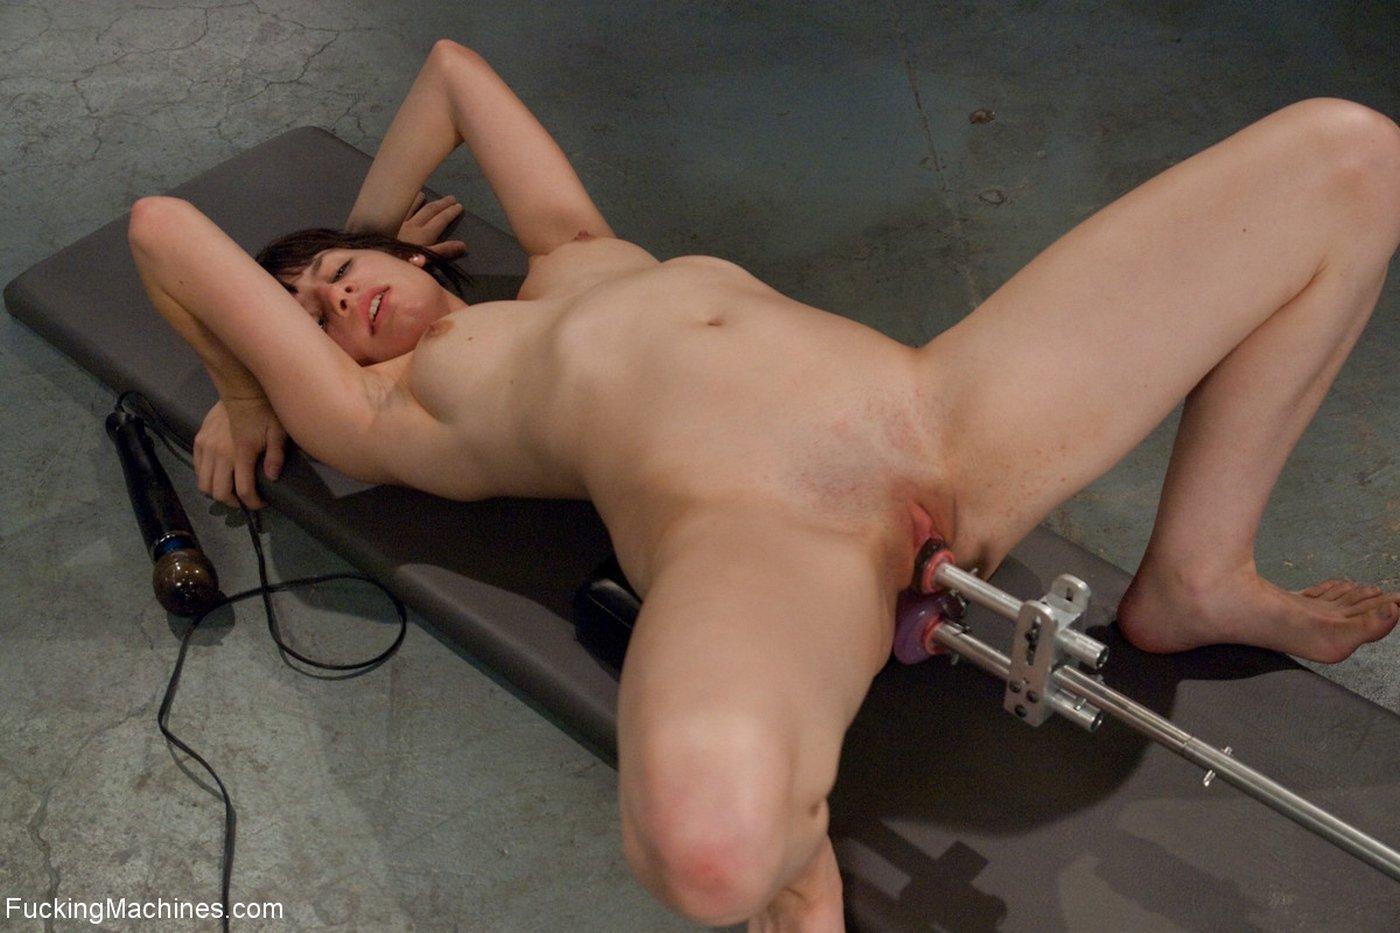 Оргии тестирование секс машин на женщинах видео эротические видео